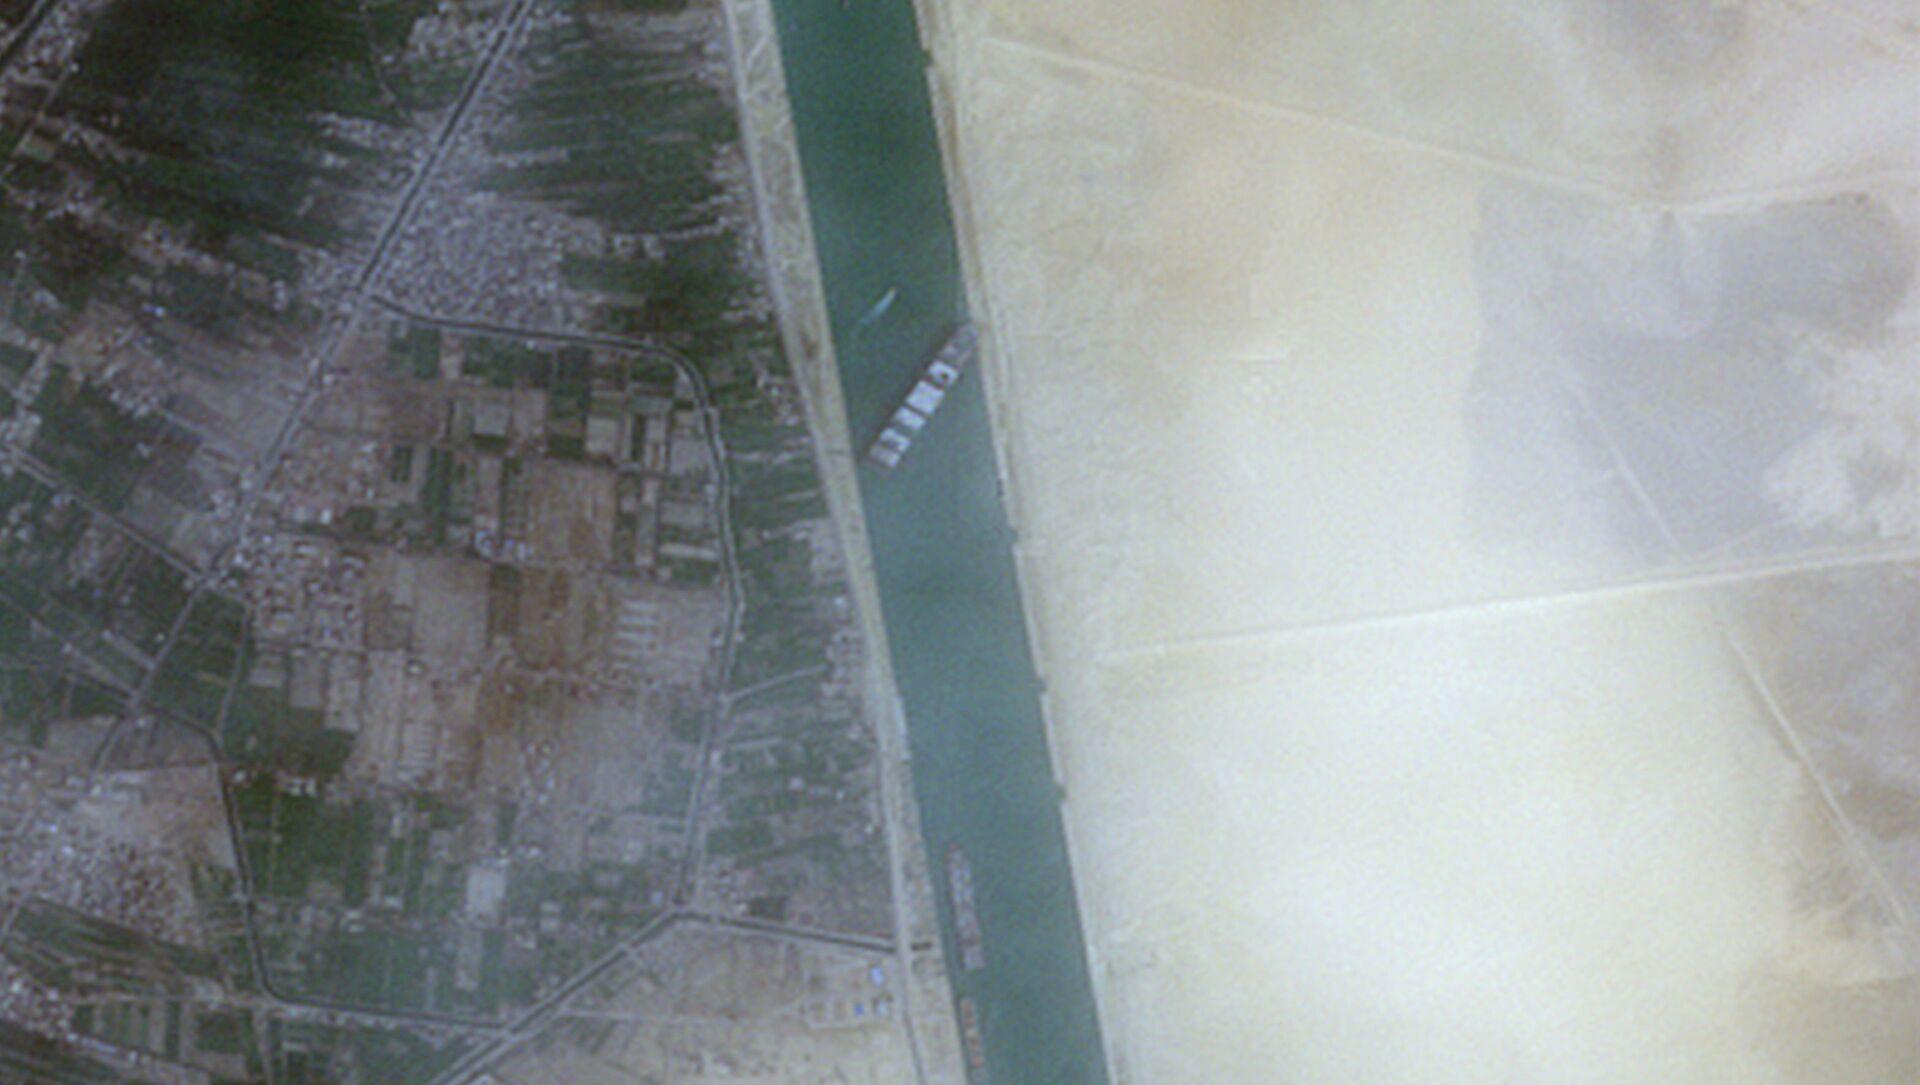 Kontejnerová loď Ever Given v Suezském průplavu - Sputnik Česká republika, 1920, 26.03.2021